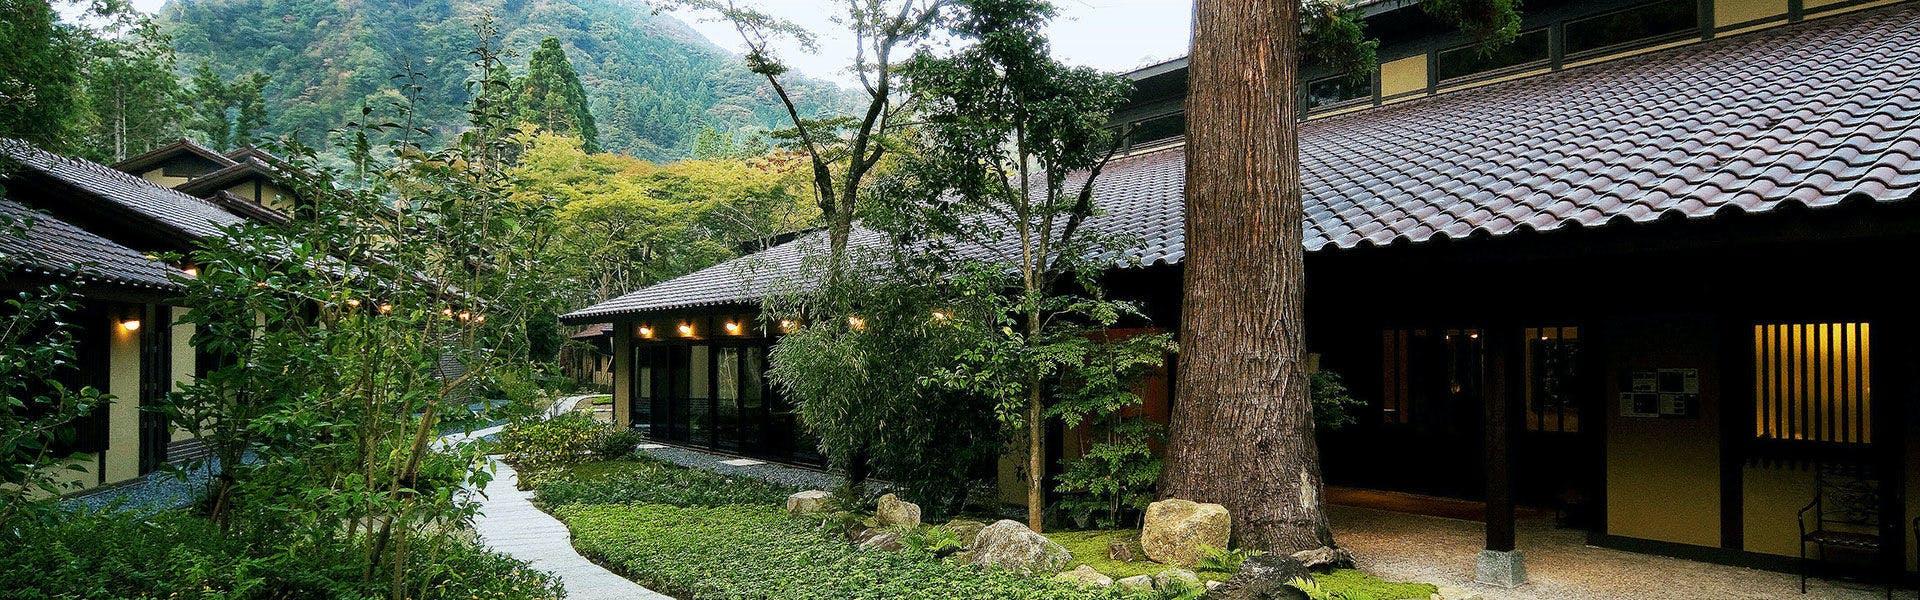 記念日におすすめのホテル・【有馬山叢 御所別墅】の写真1